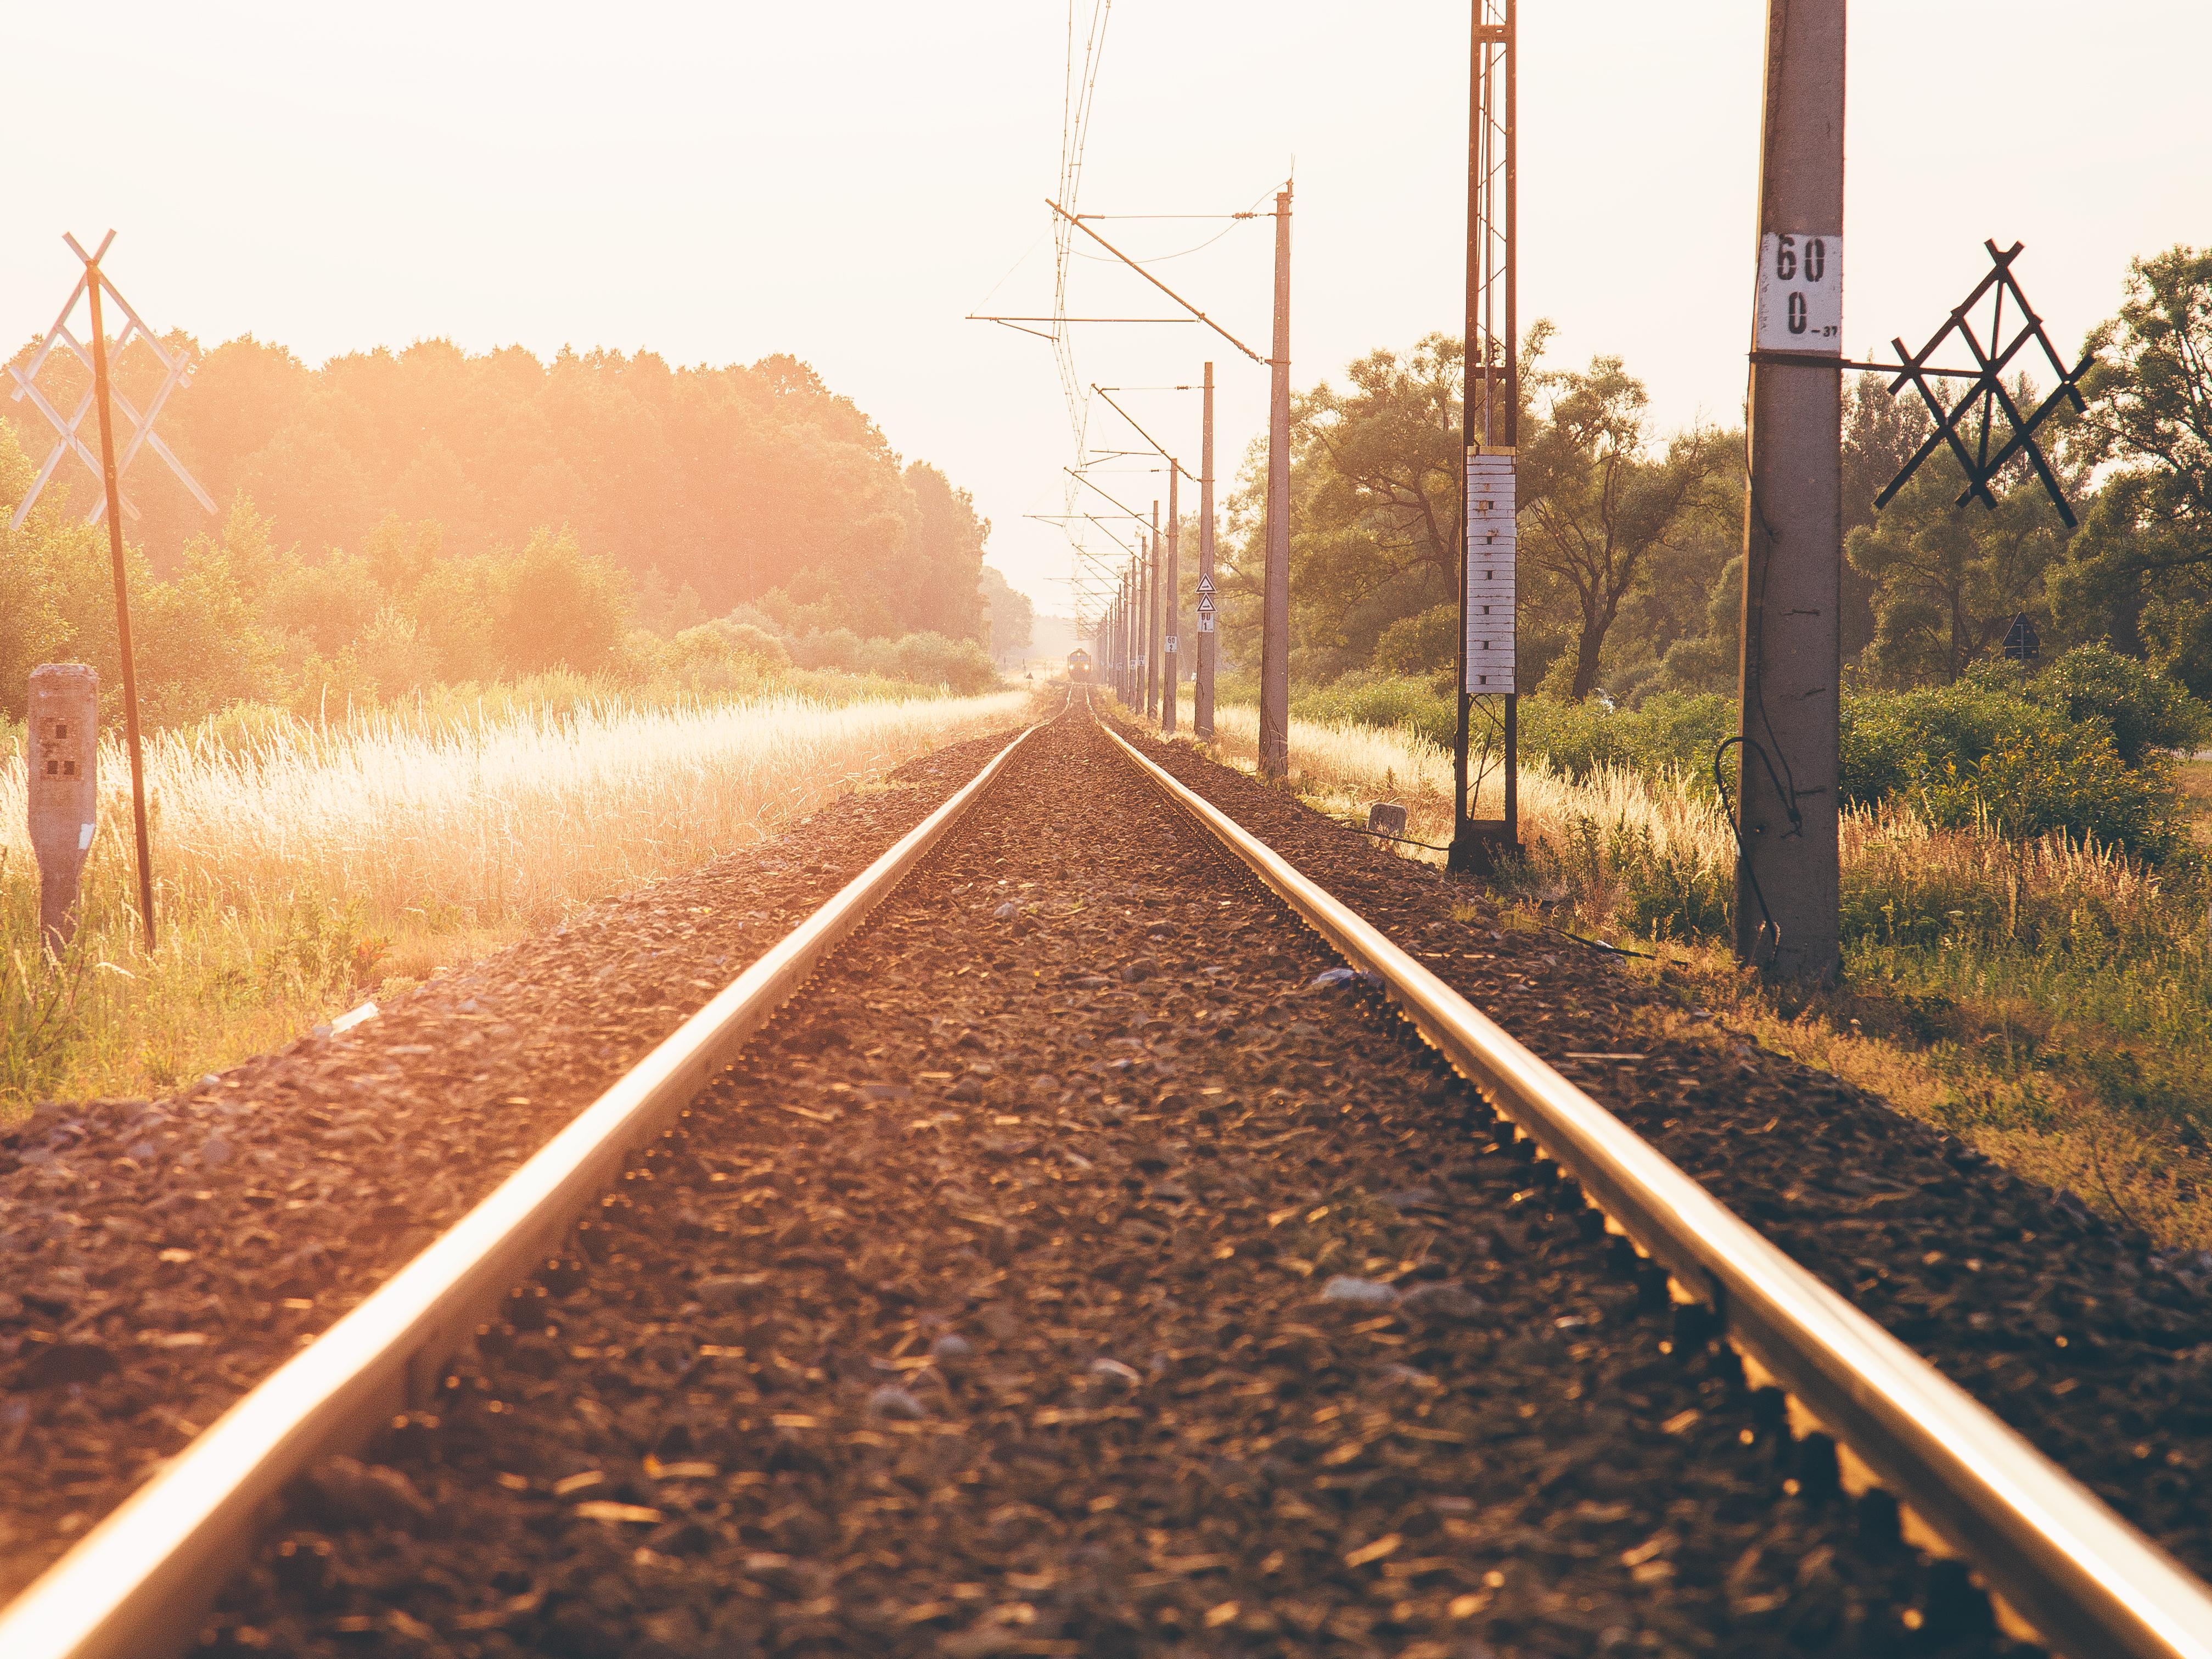 созревании картинка утром с поезда подходят